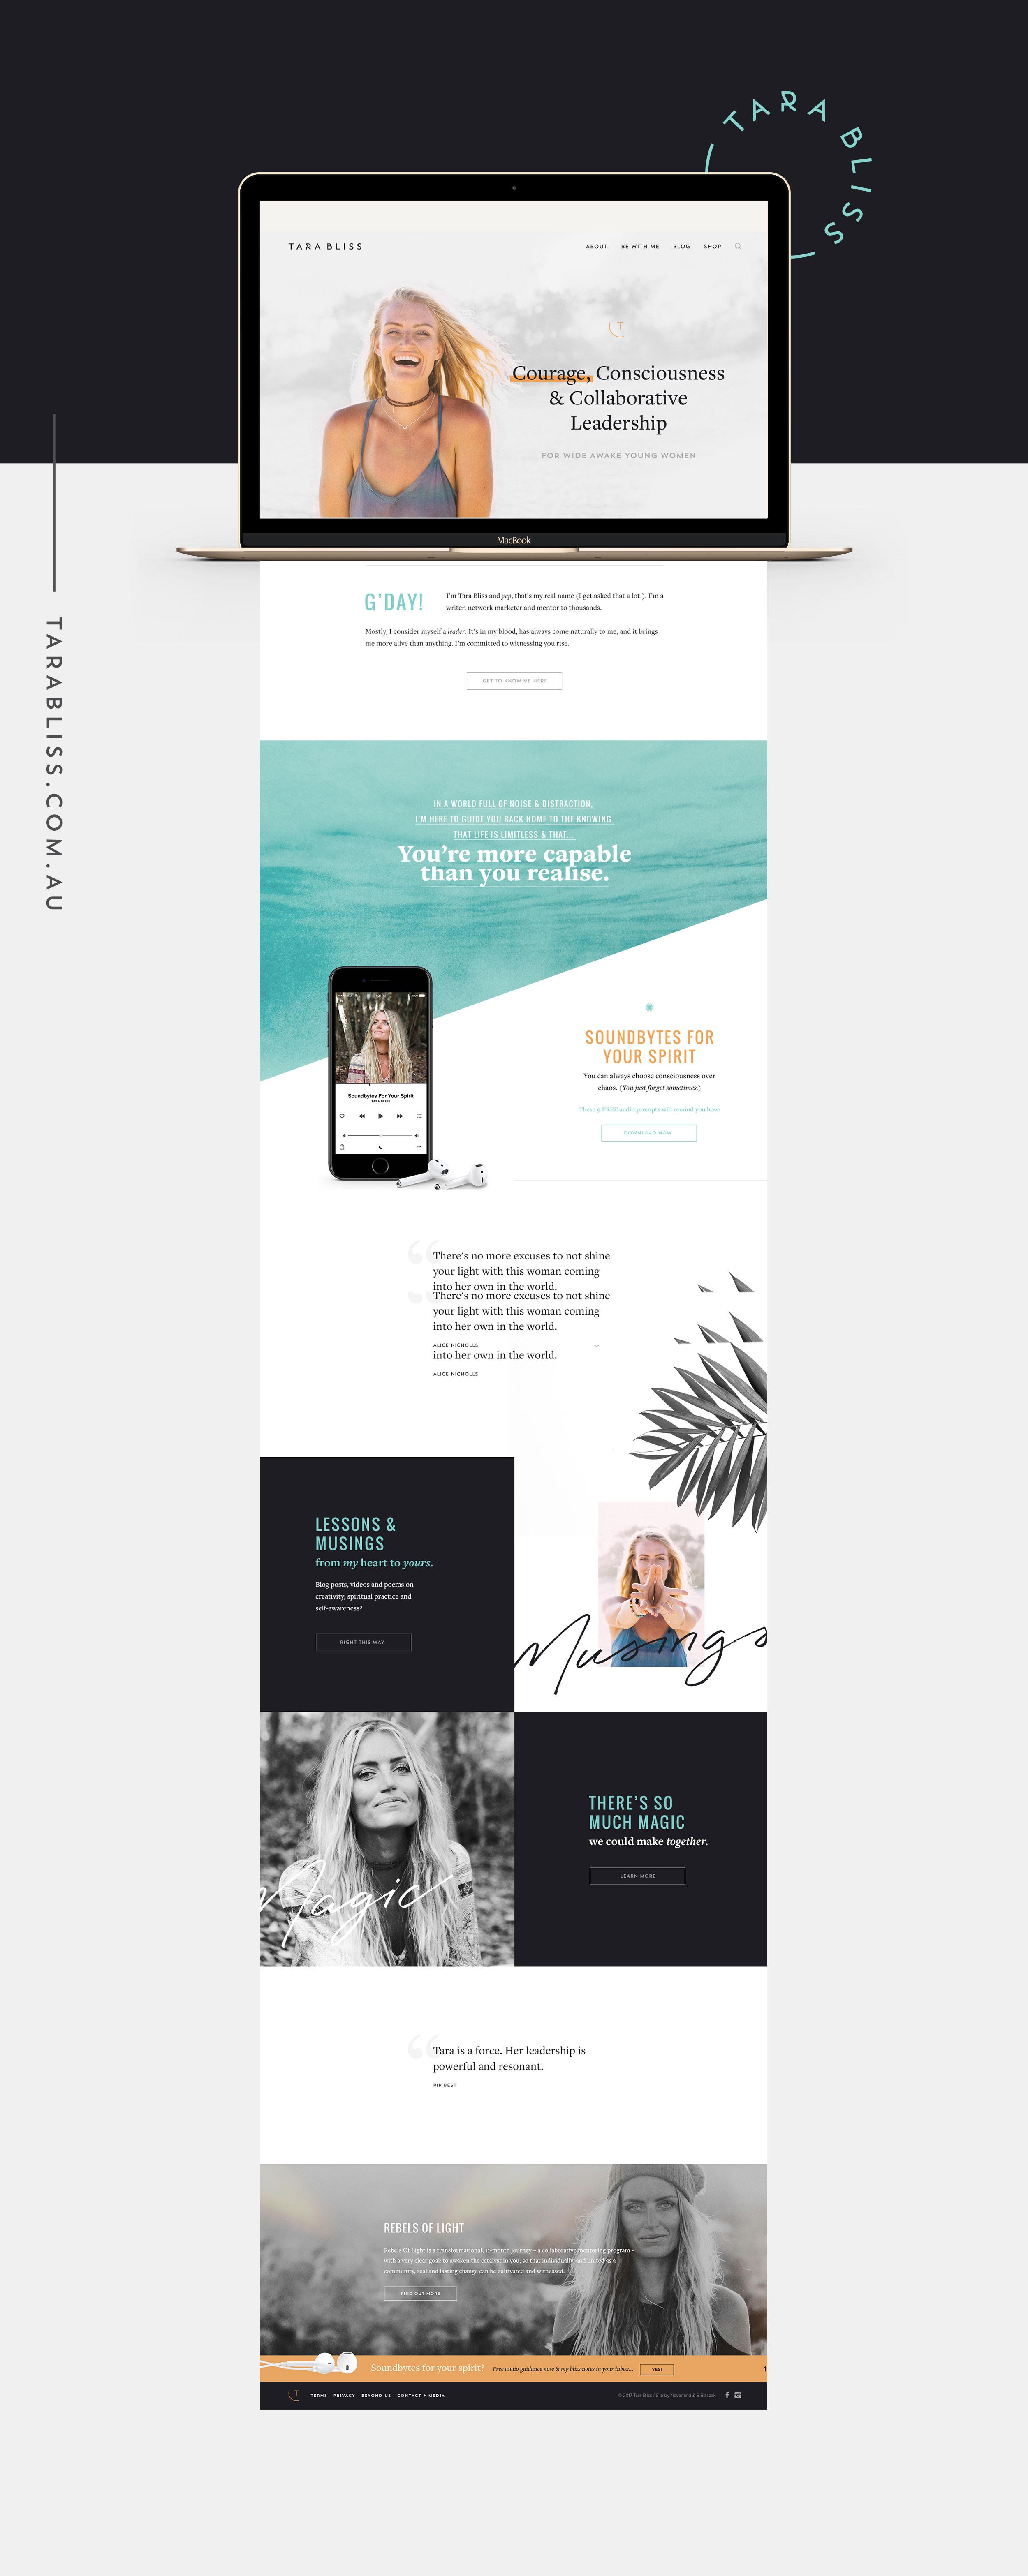 Tara Bliss - Graphic Design by Neverland Studio